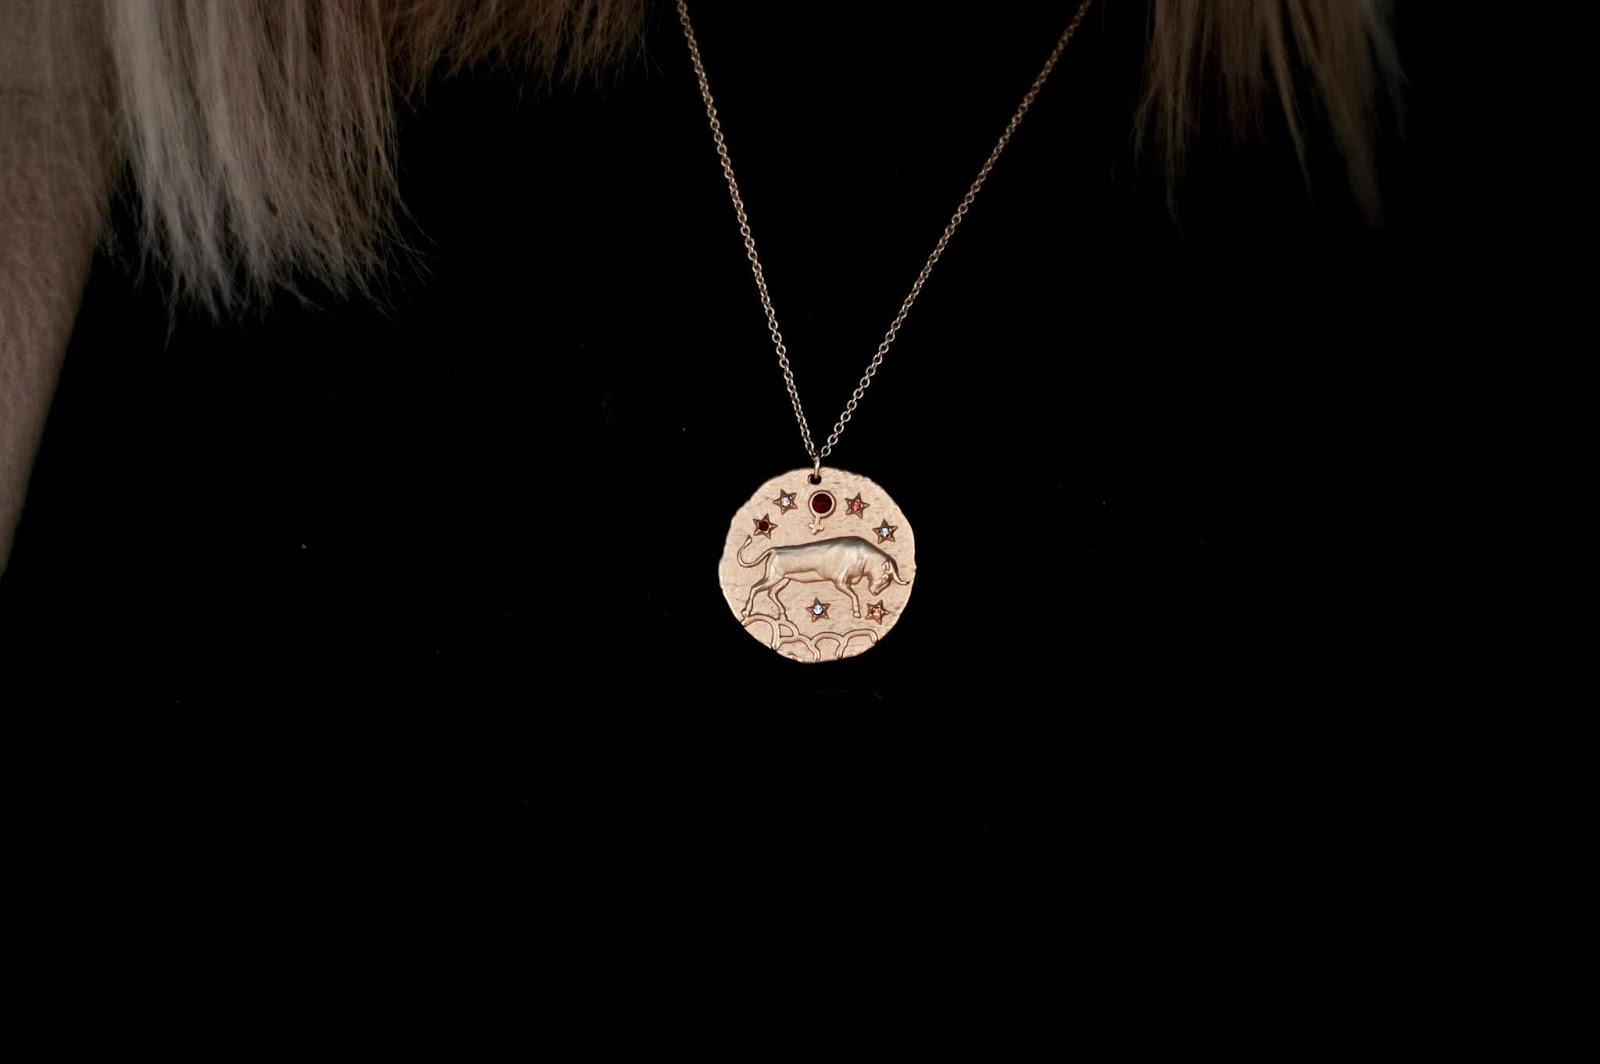 idée cadeau ; collier médaillon astrologie taureau Maje